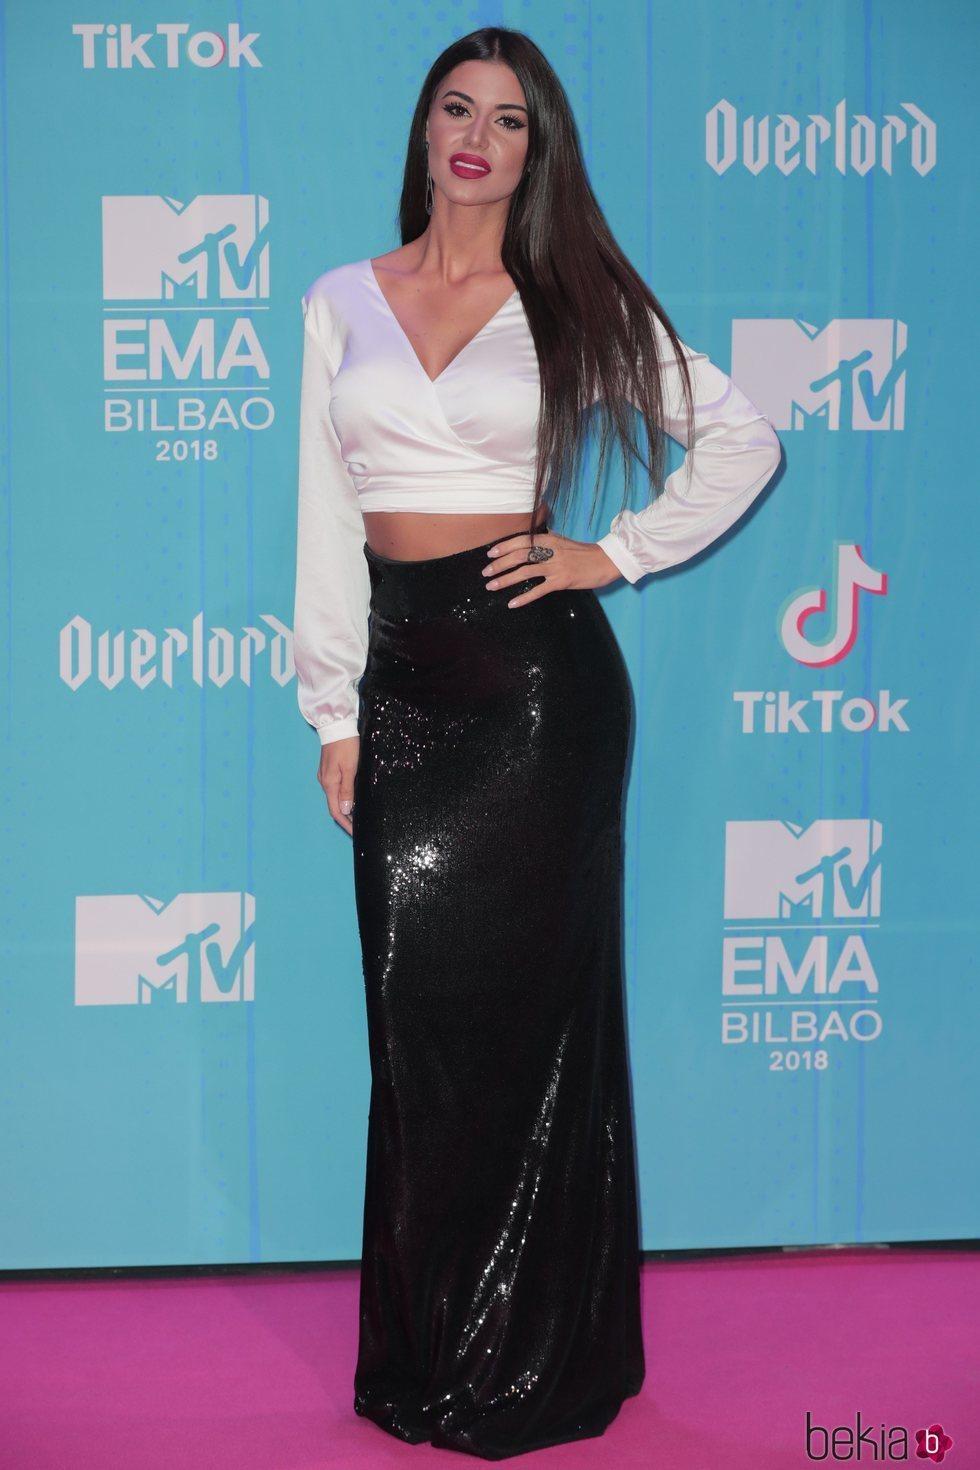 Ionna Bella en la alfombra de los MTV EMAs 2018 de Bilbao